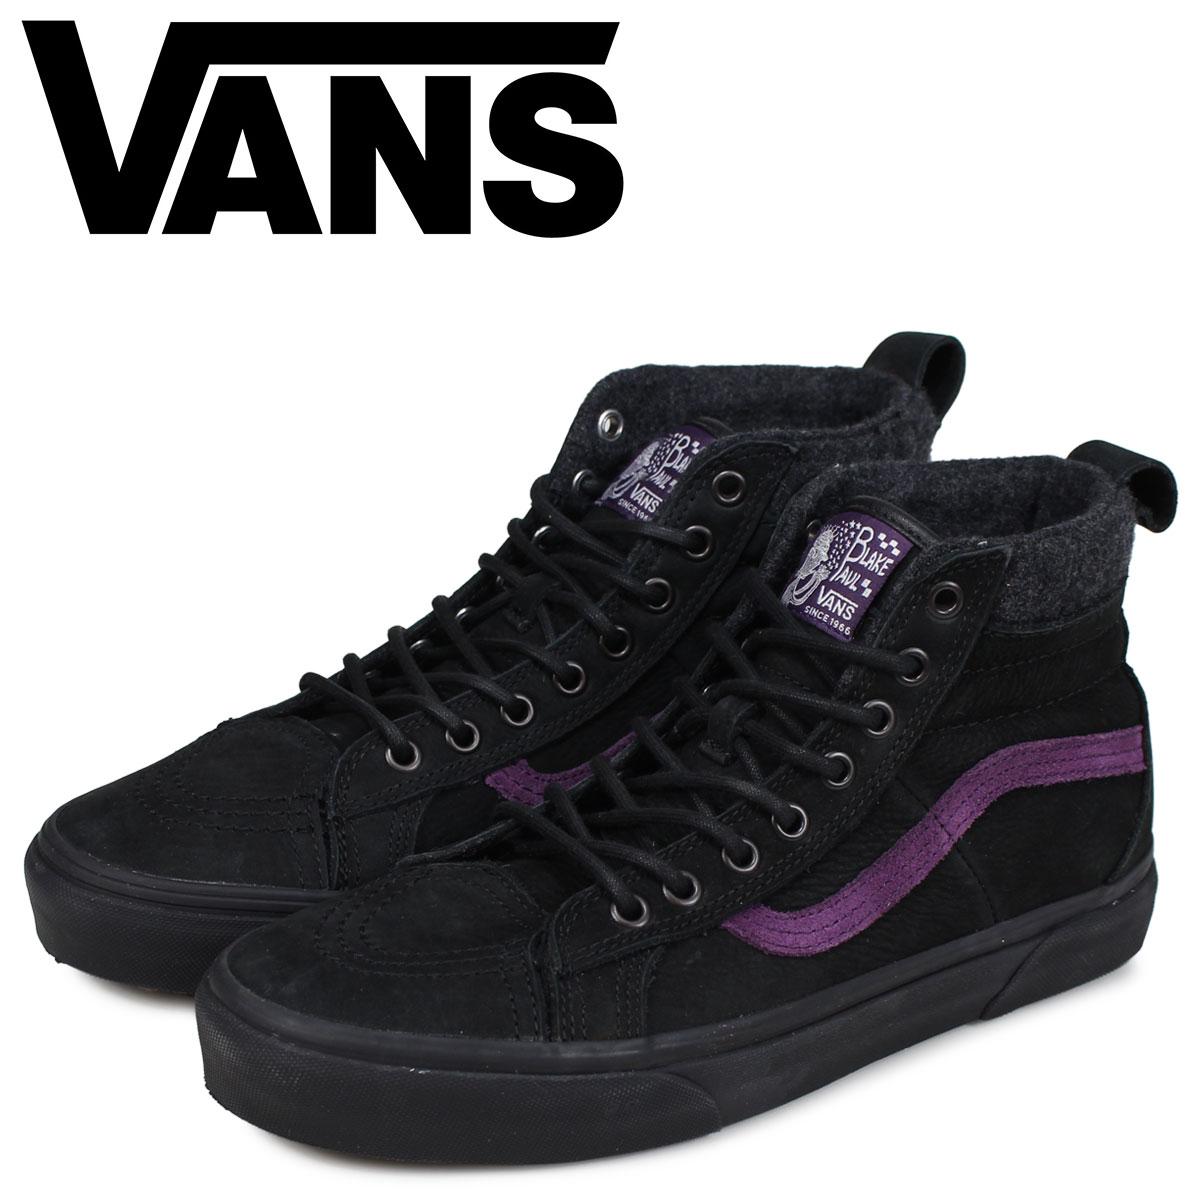 554b441108 Vans SK-HI North Face THE NORTH FACE sneakers men VANS station wagons  skating high 46 MTE DX black black NF0A3MLG 085